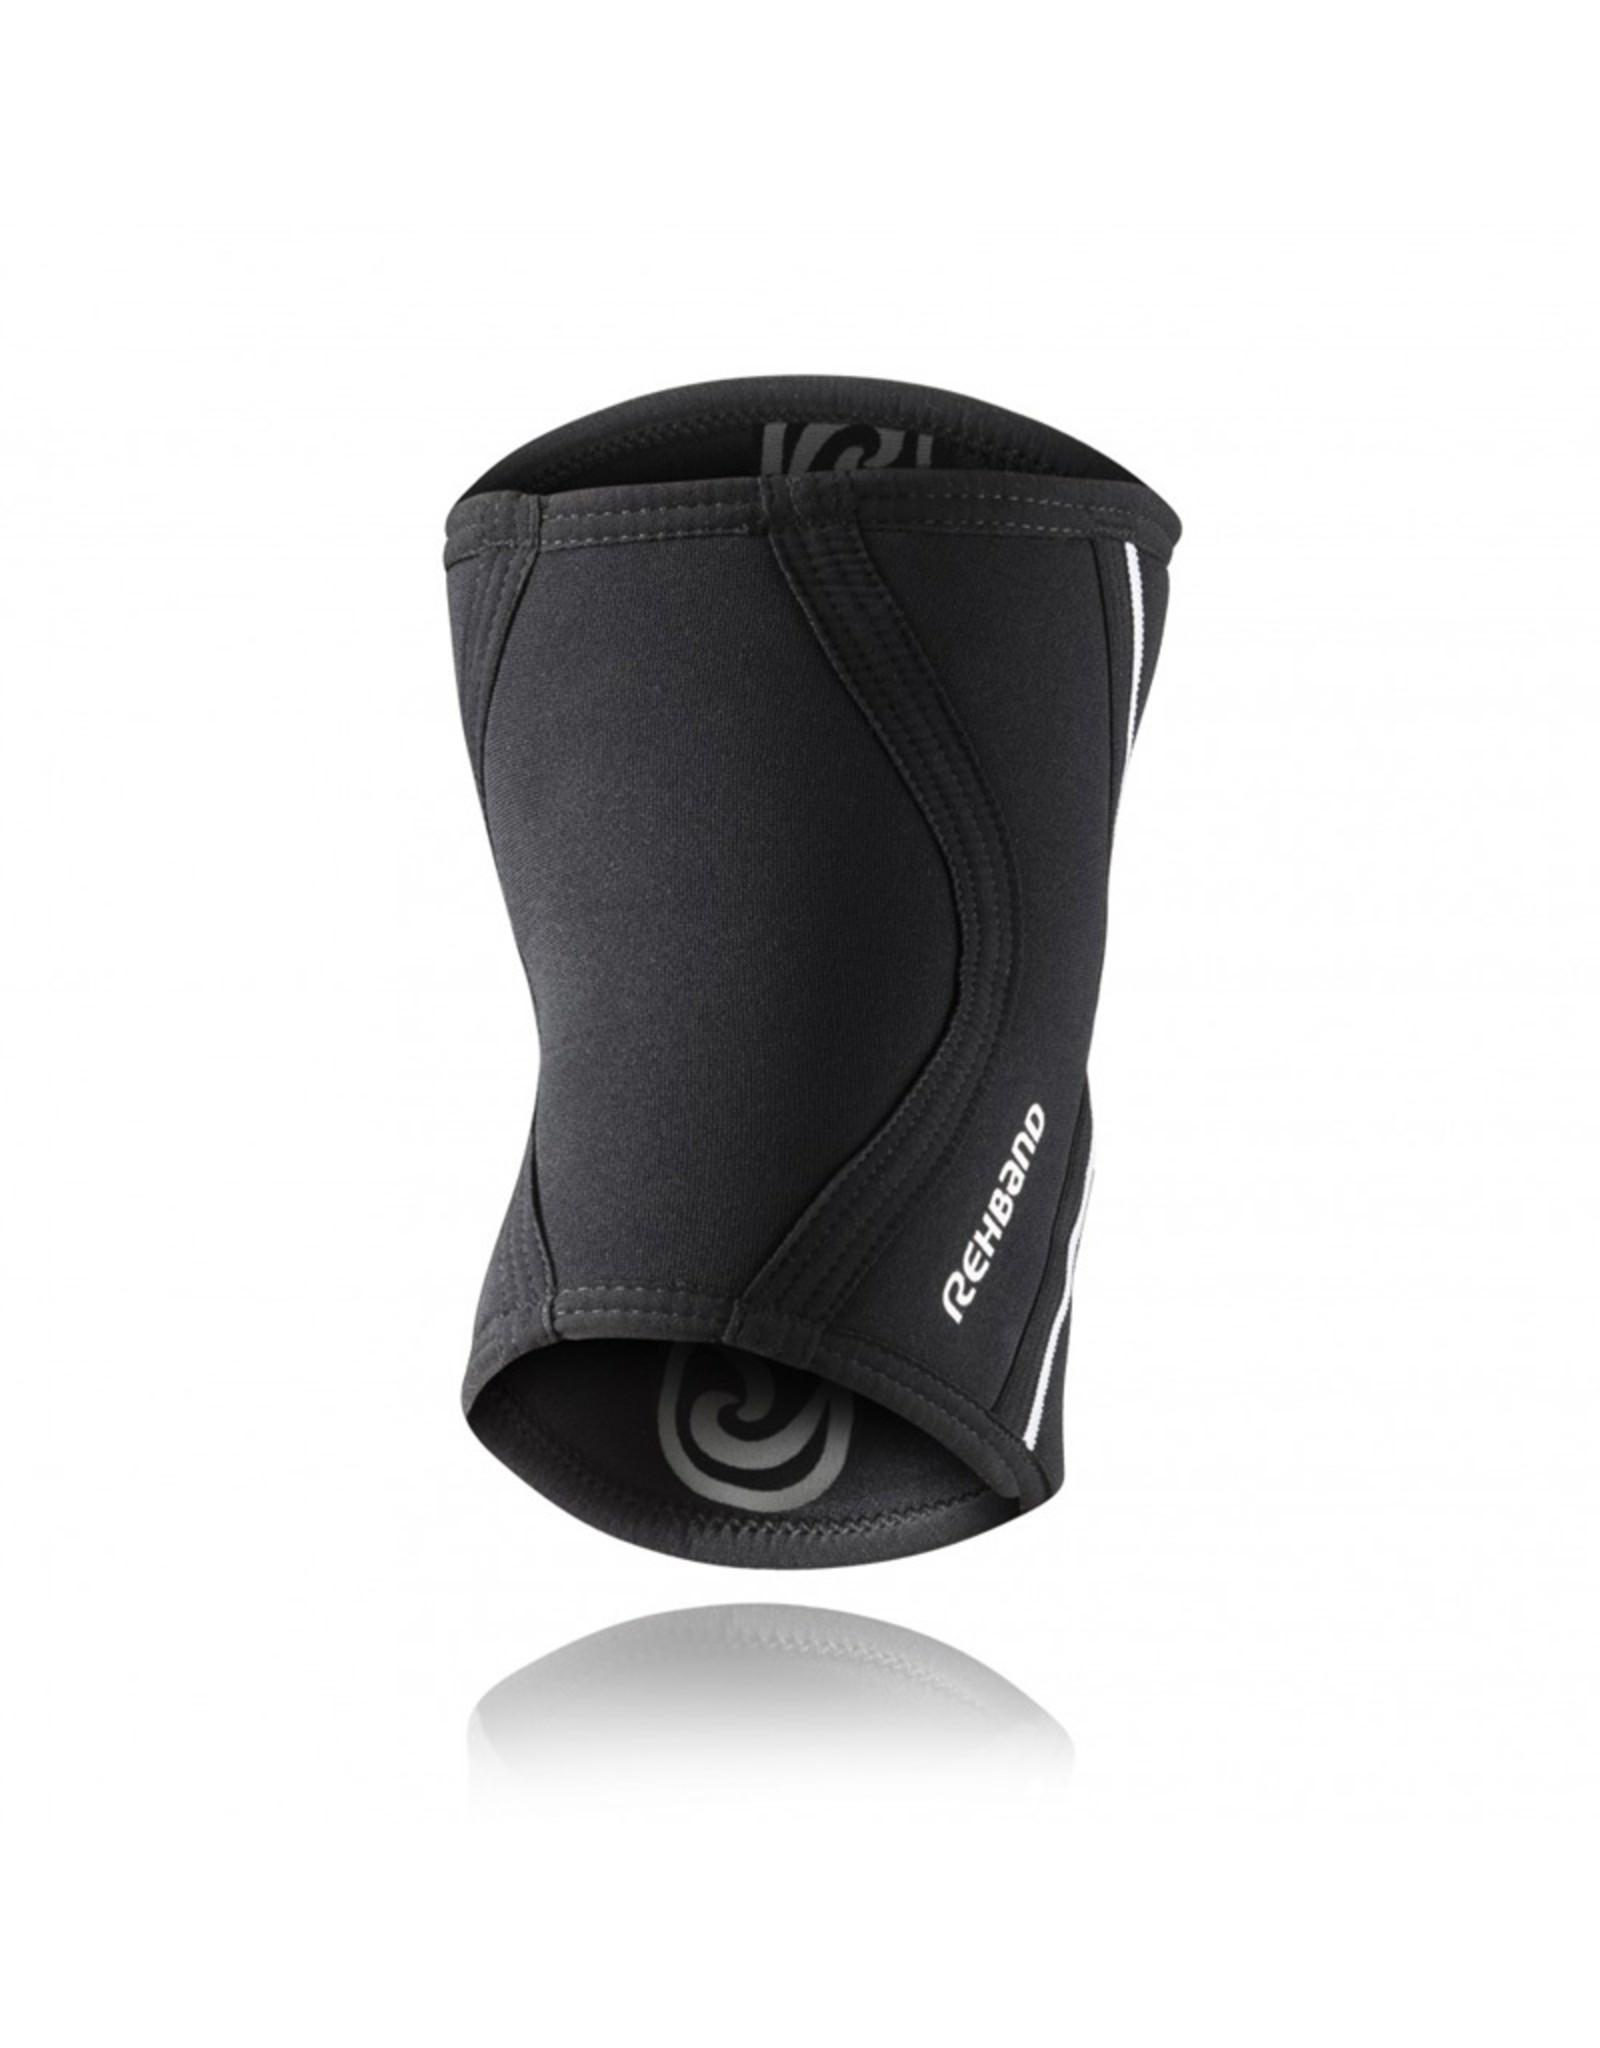 Rehband Rx Elbow Sleeve 5Mm Elleboogbrace - Zwart